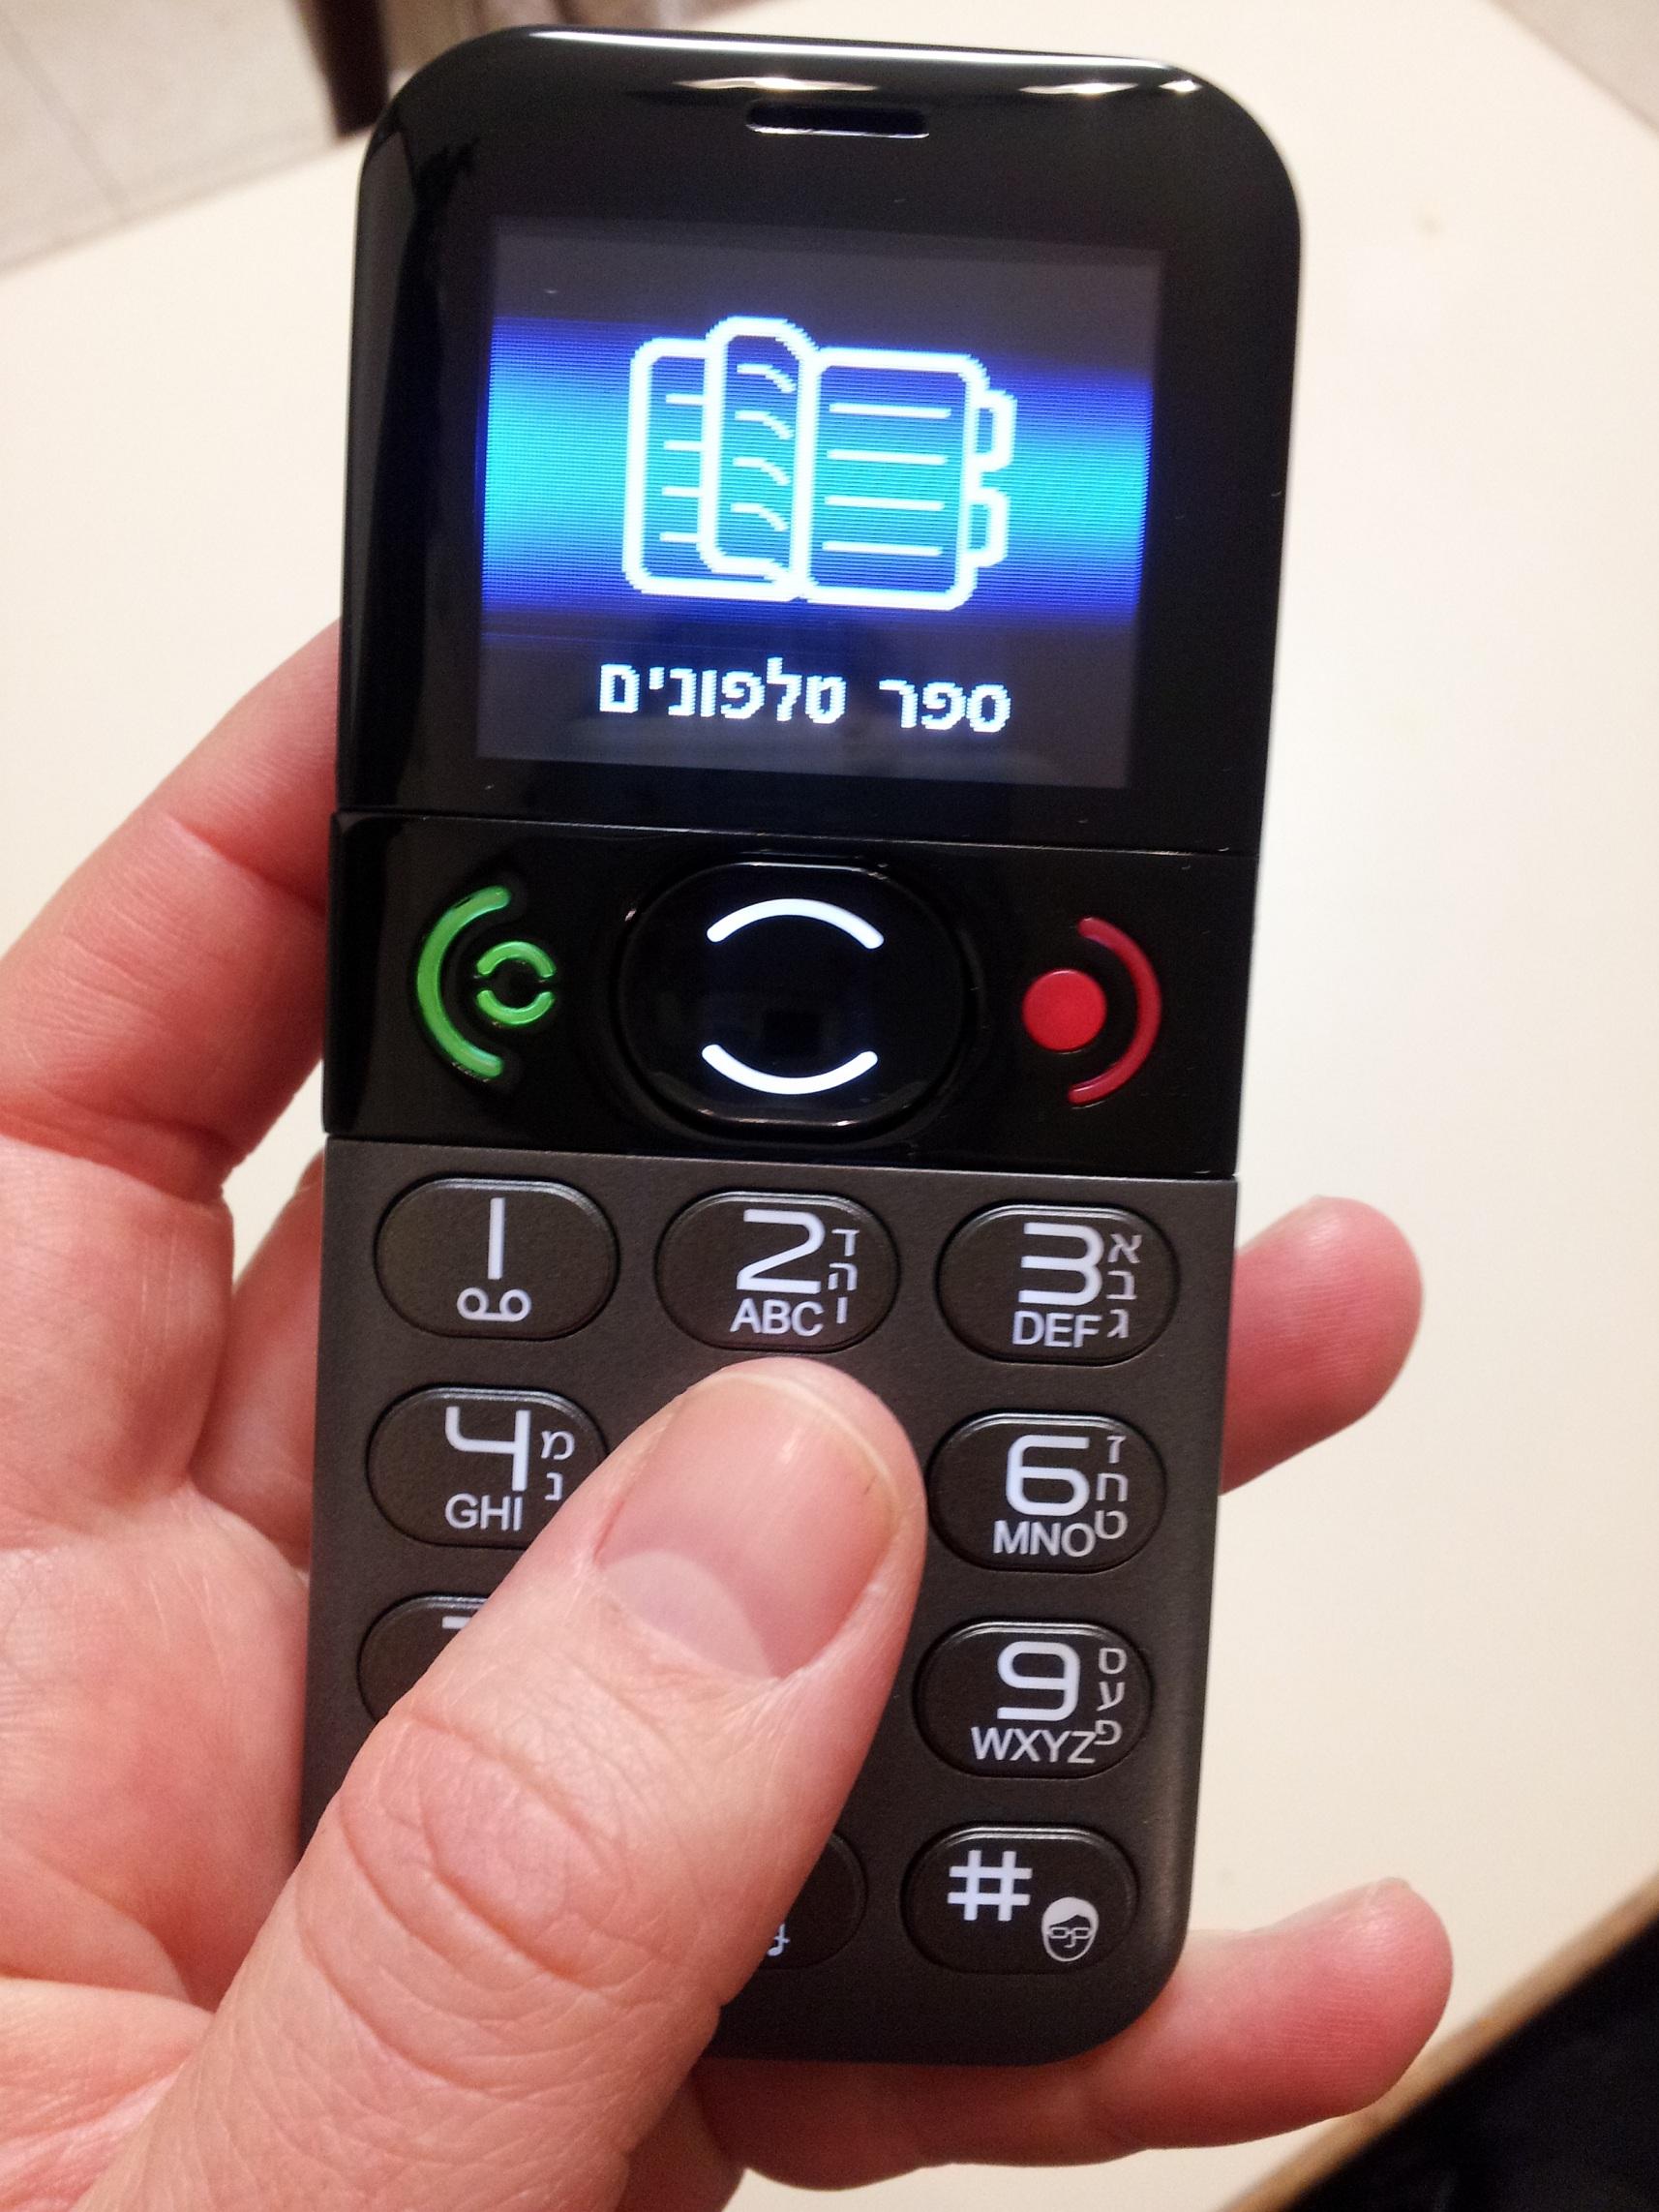 ניס טלפון סלולרי למבוגרים במבצע - איזיפון Deco | Yalla.co.il MF-65